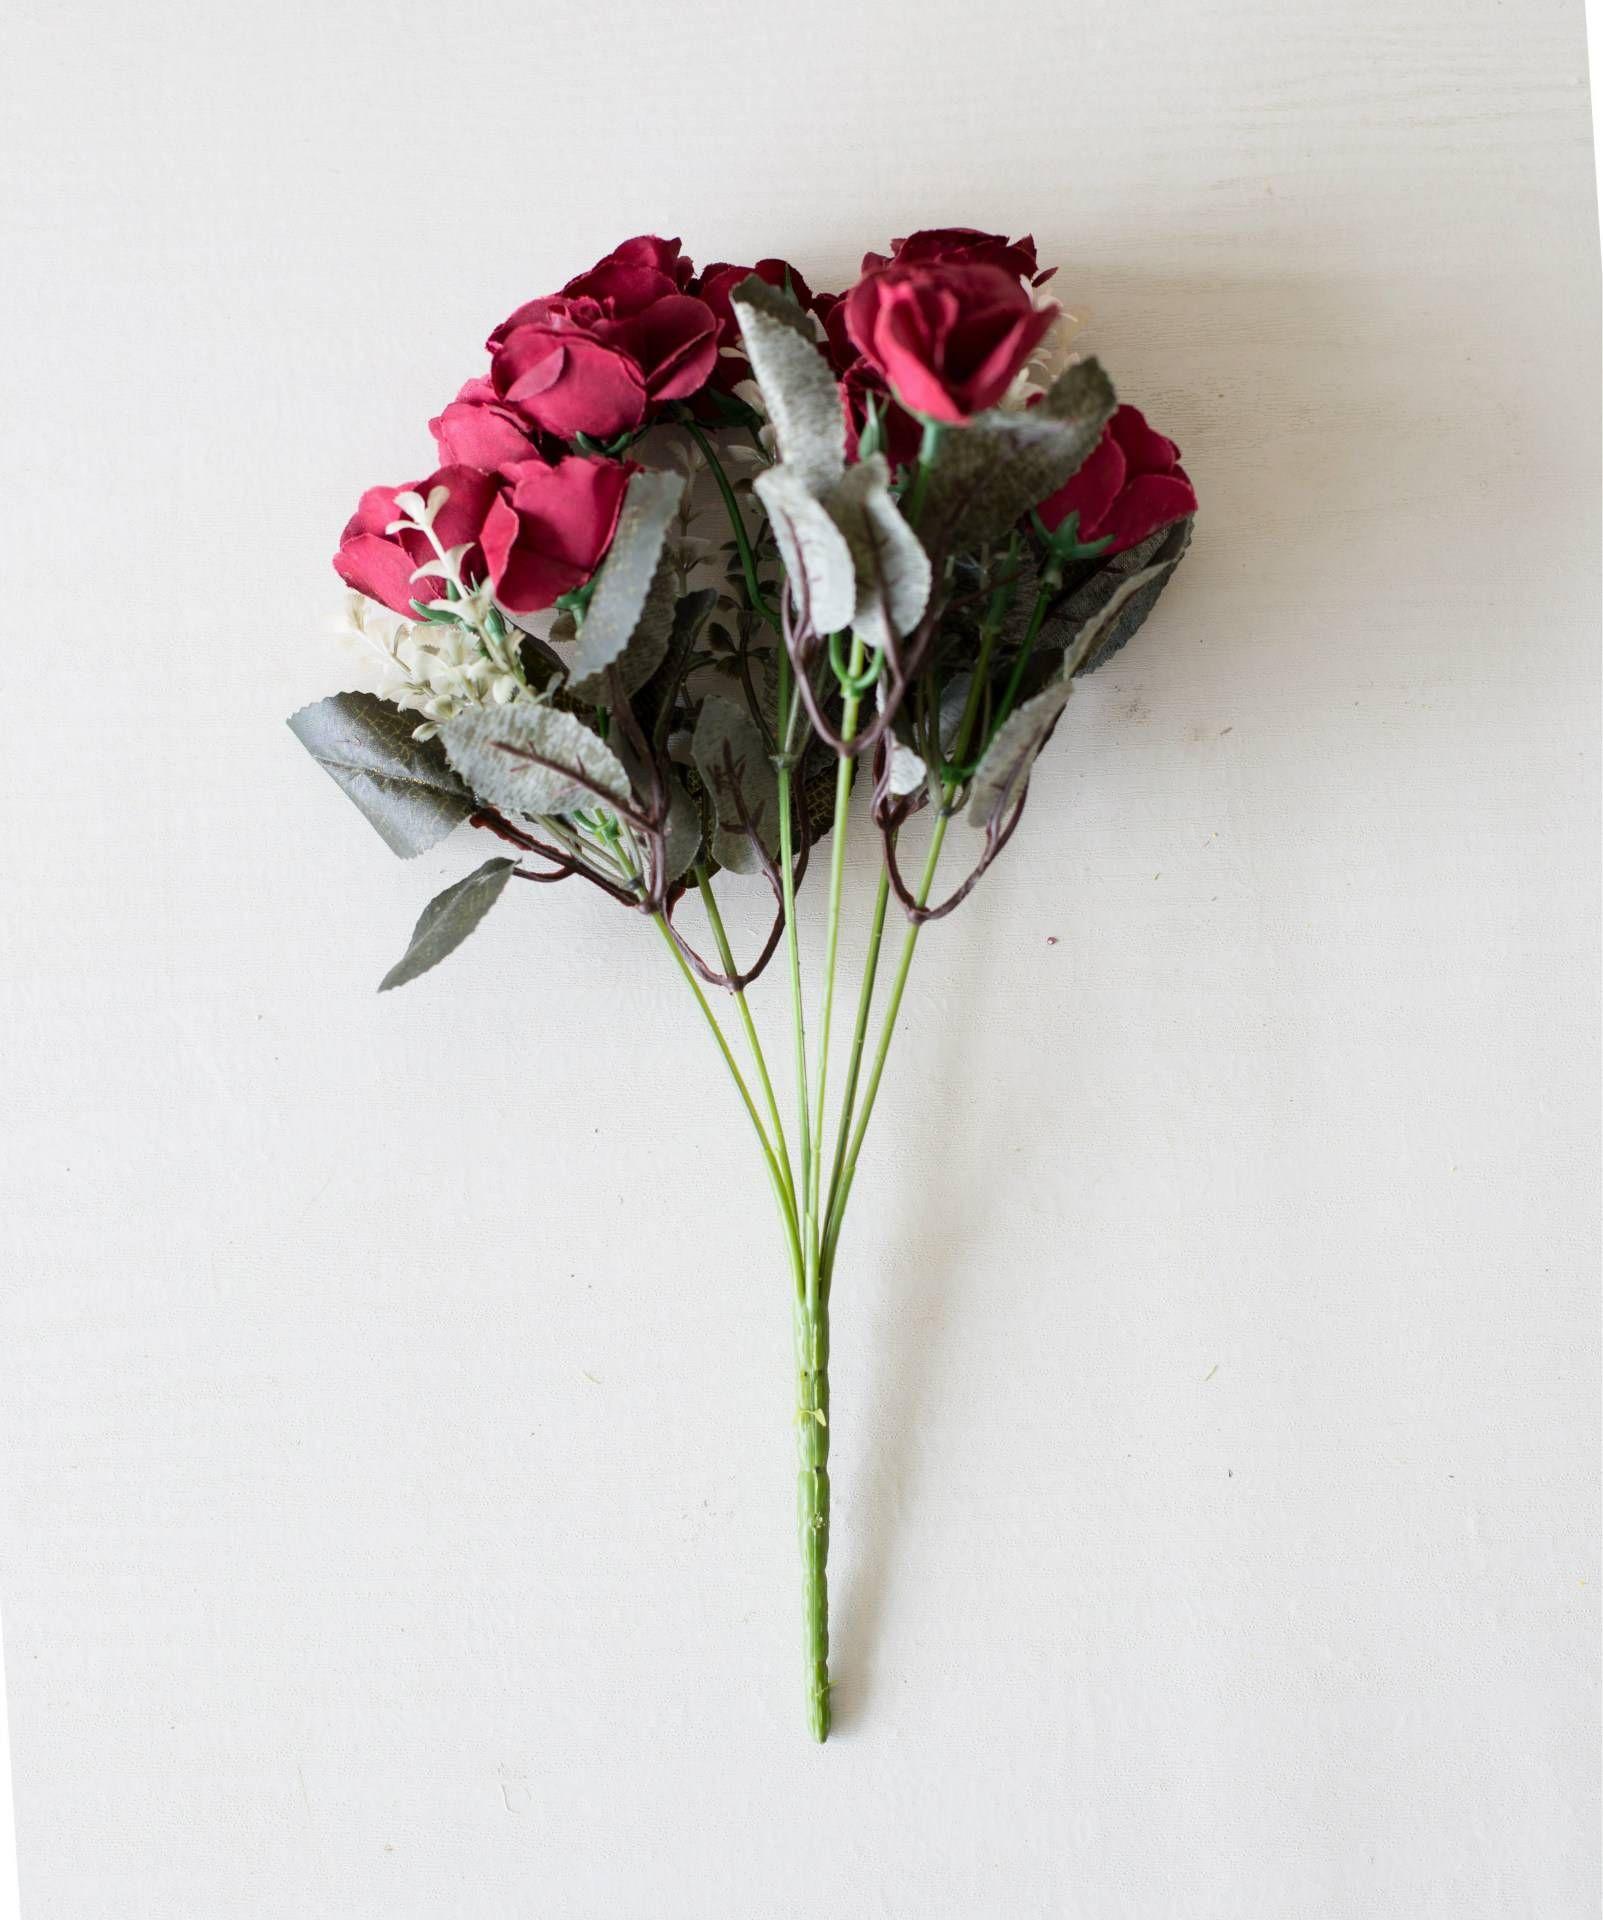 Künstliche Gefälschte Rosen Blume Für Hochzeit Auto Ehe Zimmer Dekoration DIY Garland Home Dekorative Gefälschte Blume